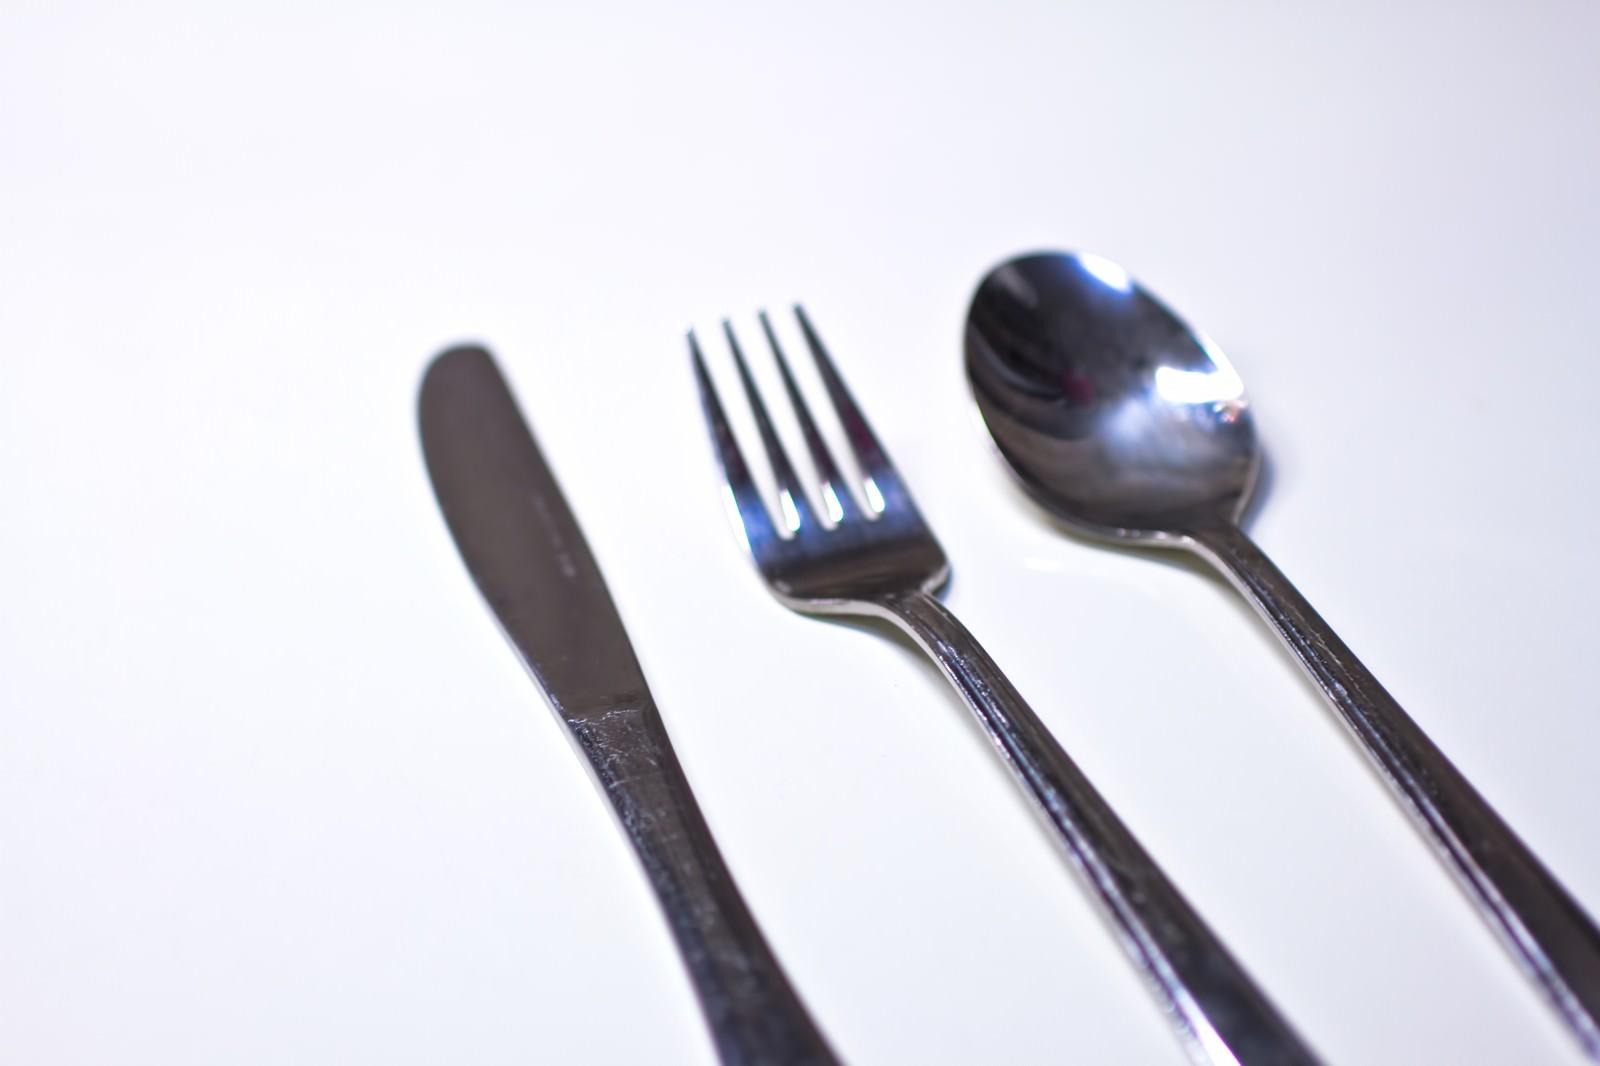 「銀のナイフ・フォーク・スプーン銀のナイフ・フォーク・スプーン」のフリー写真素材